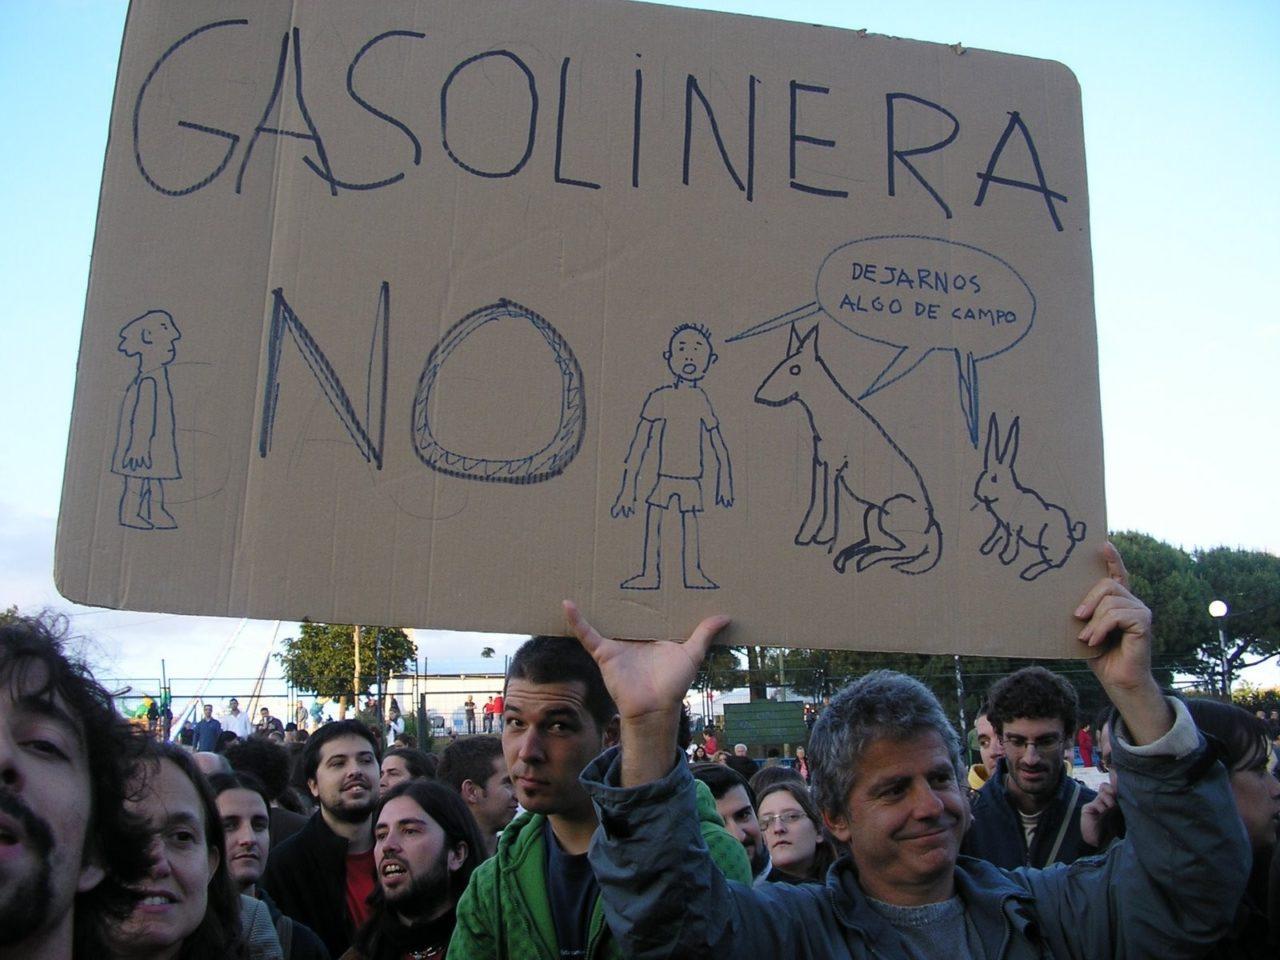 Integración SI, gasolineras en Hortaleza NO